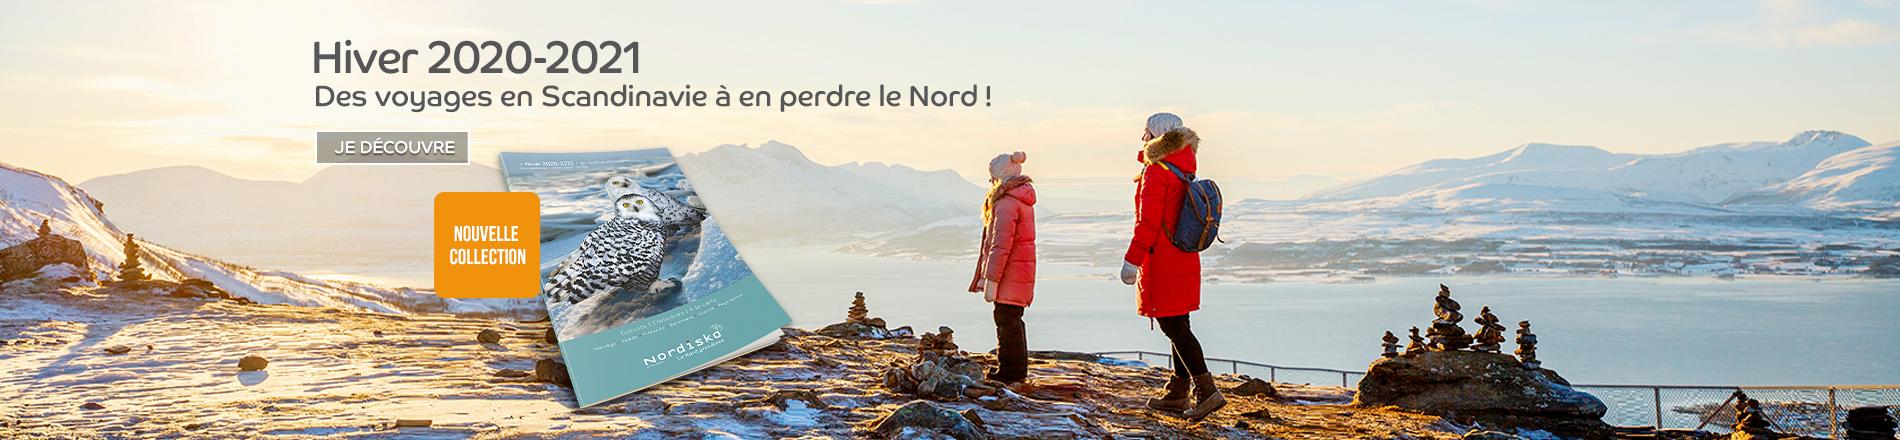 Cet hiver, direction la Scandinavie avec Nordiska, marque spécialiste du Groupe Salaün